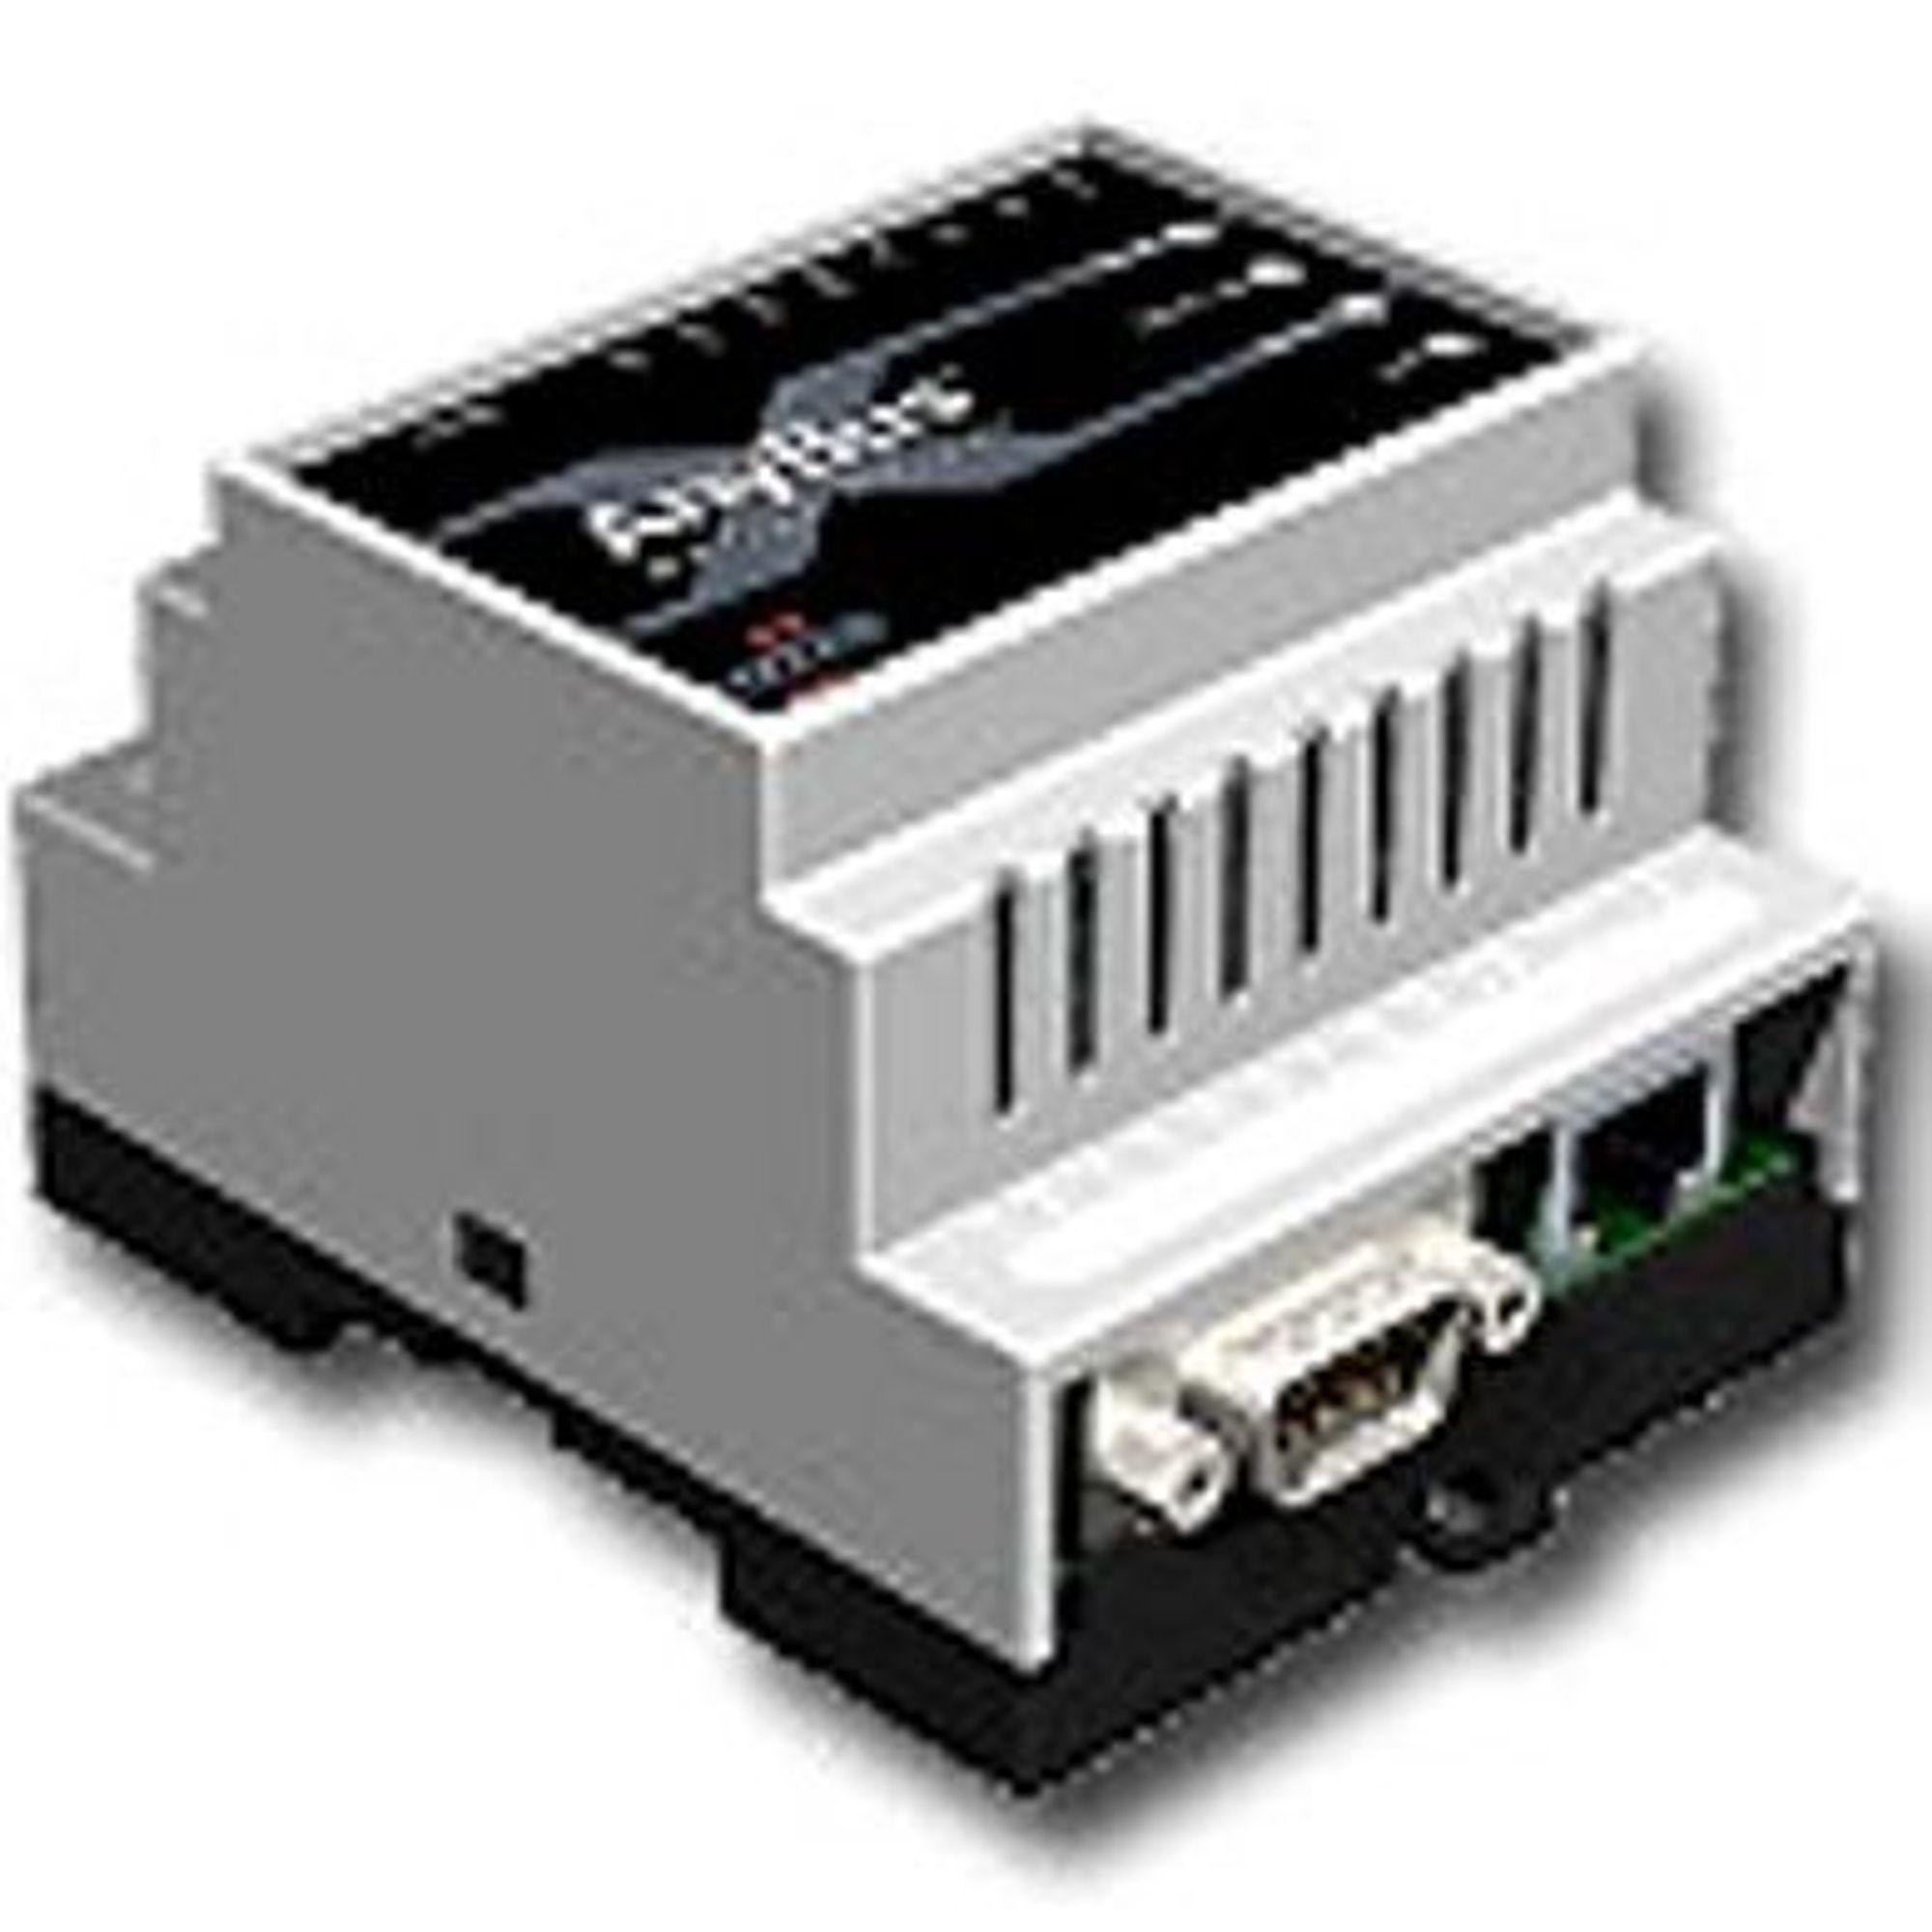 ENKLERE: Anybus X Serial server kan brukes som en fjerntilkoblet serieport.